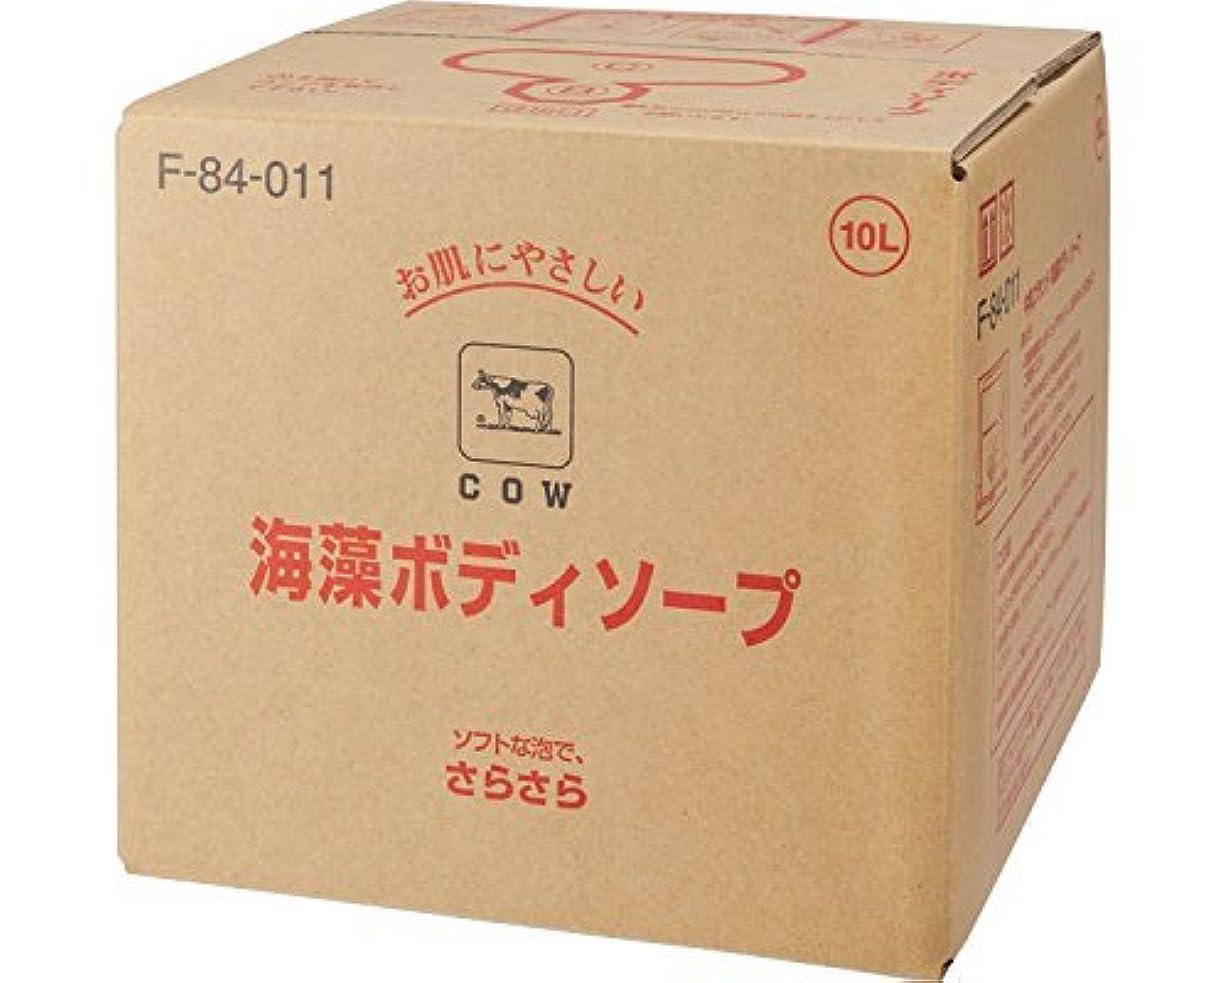 ますます吸い込む凝視牛乳ブランド 海藻ボディソープ /  10L F-84-011 【牛乳石鹸】 【清拭小物】